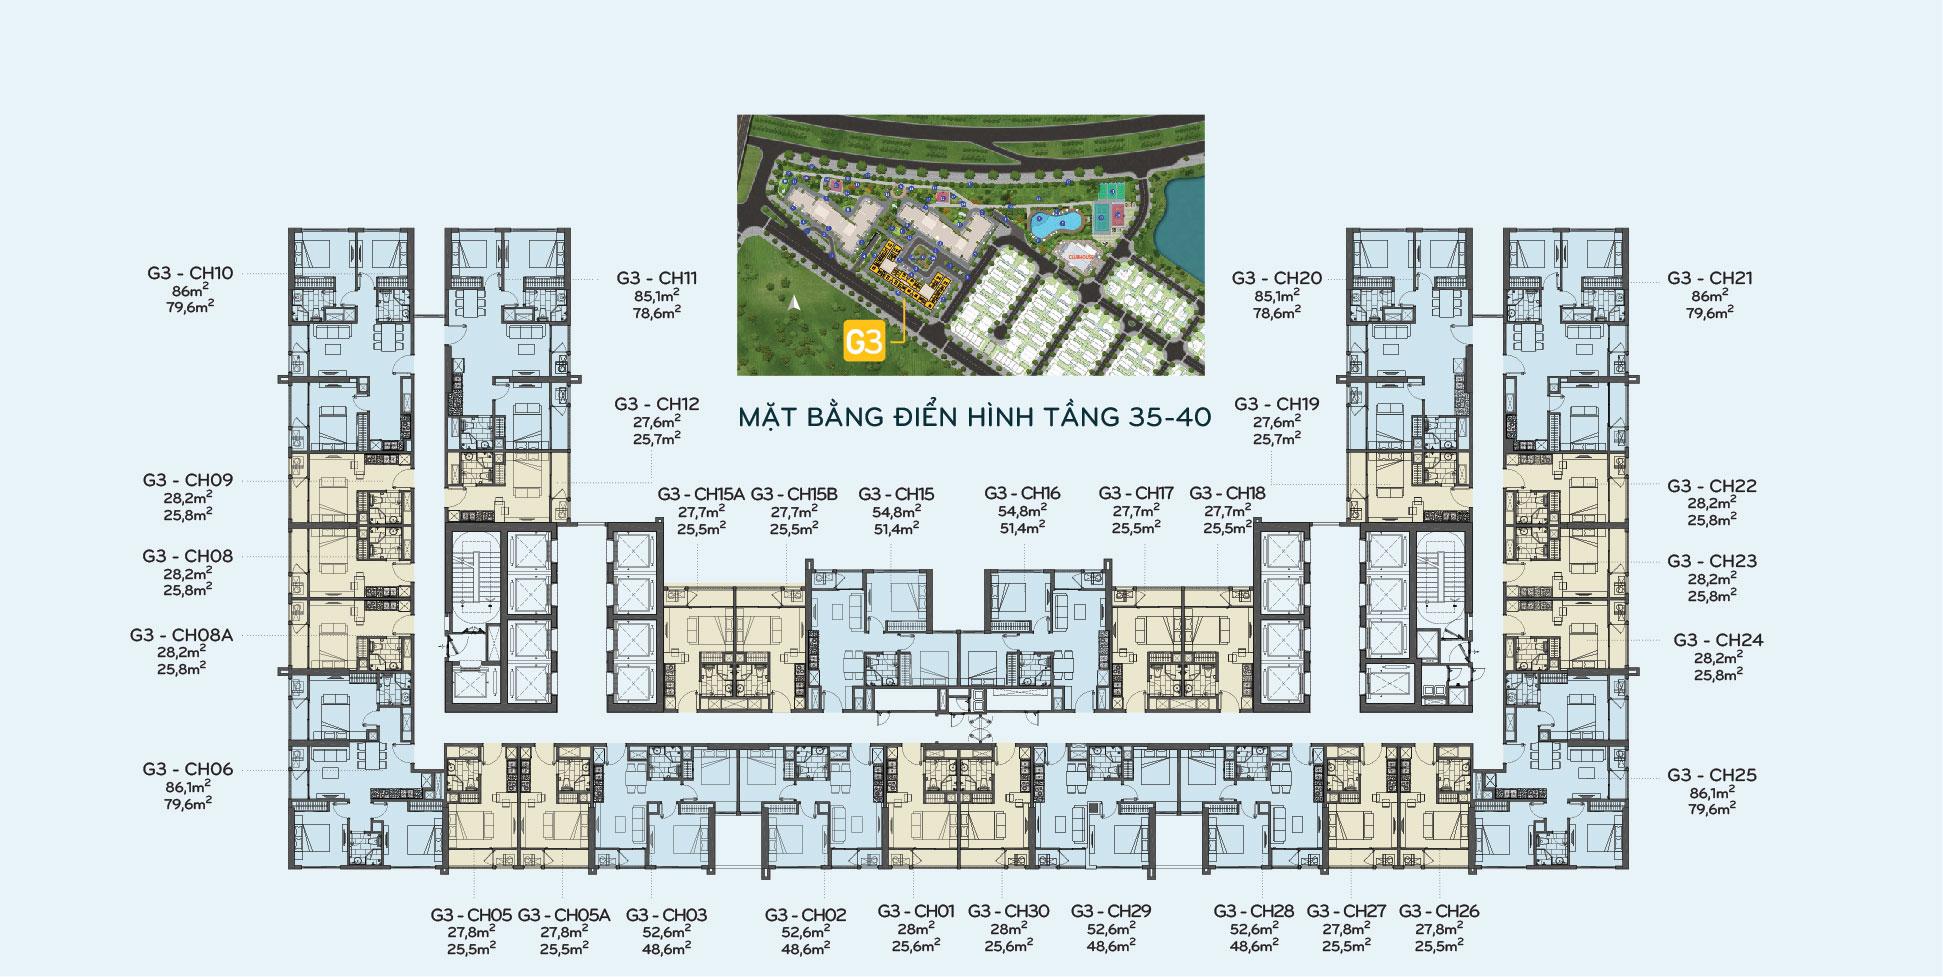 Mặt bằng tầng 35-40 tòa G3 Vinhomes Green Bay